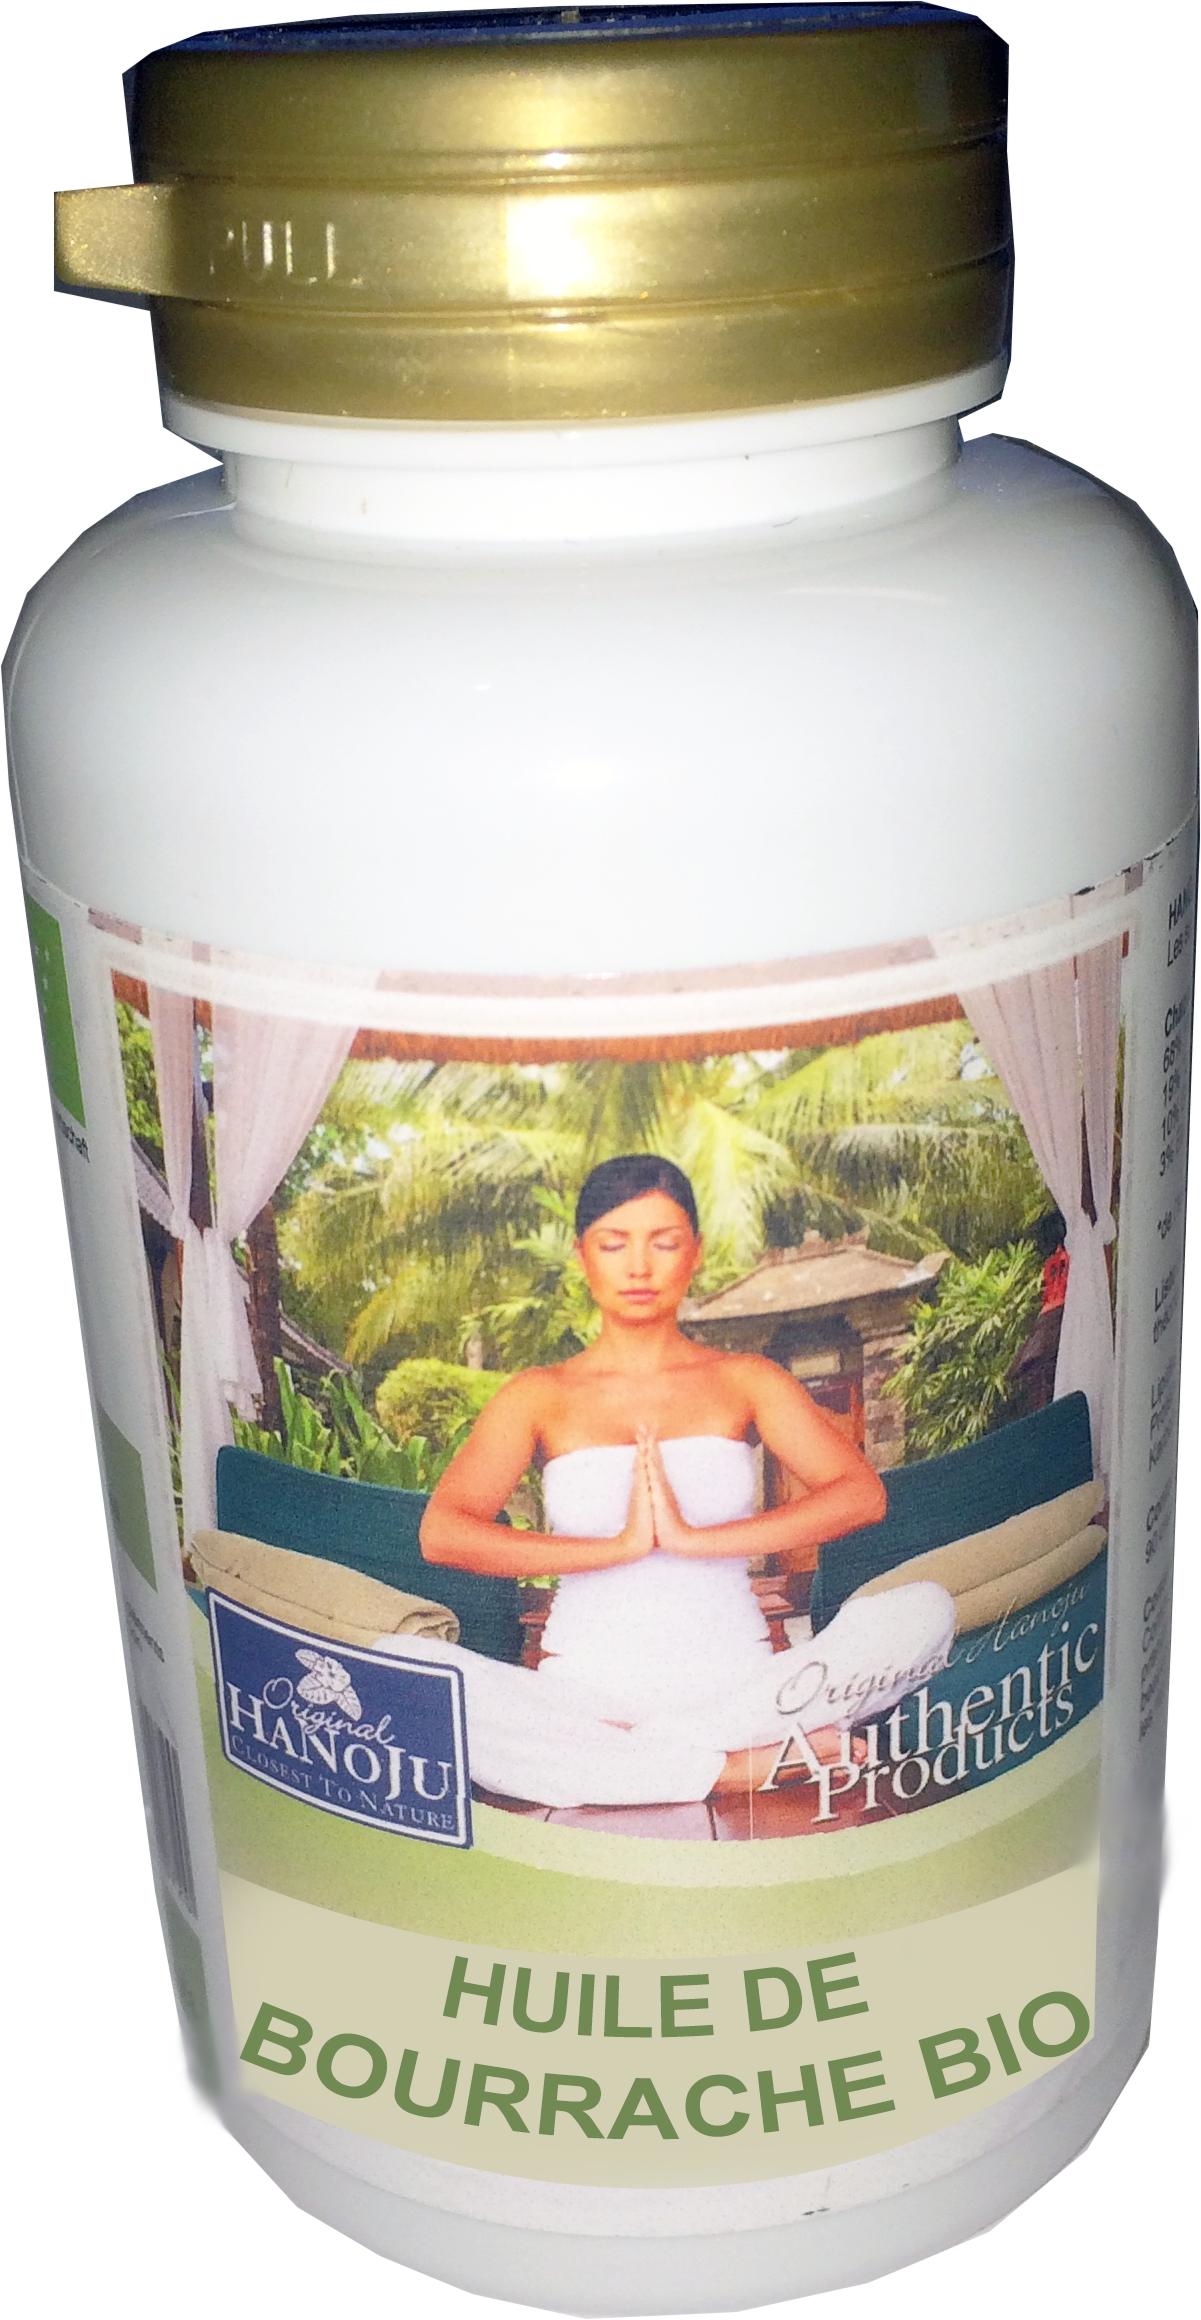 Hanoju Huile de Bourrache Bio - 90 gélules - 500 mg